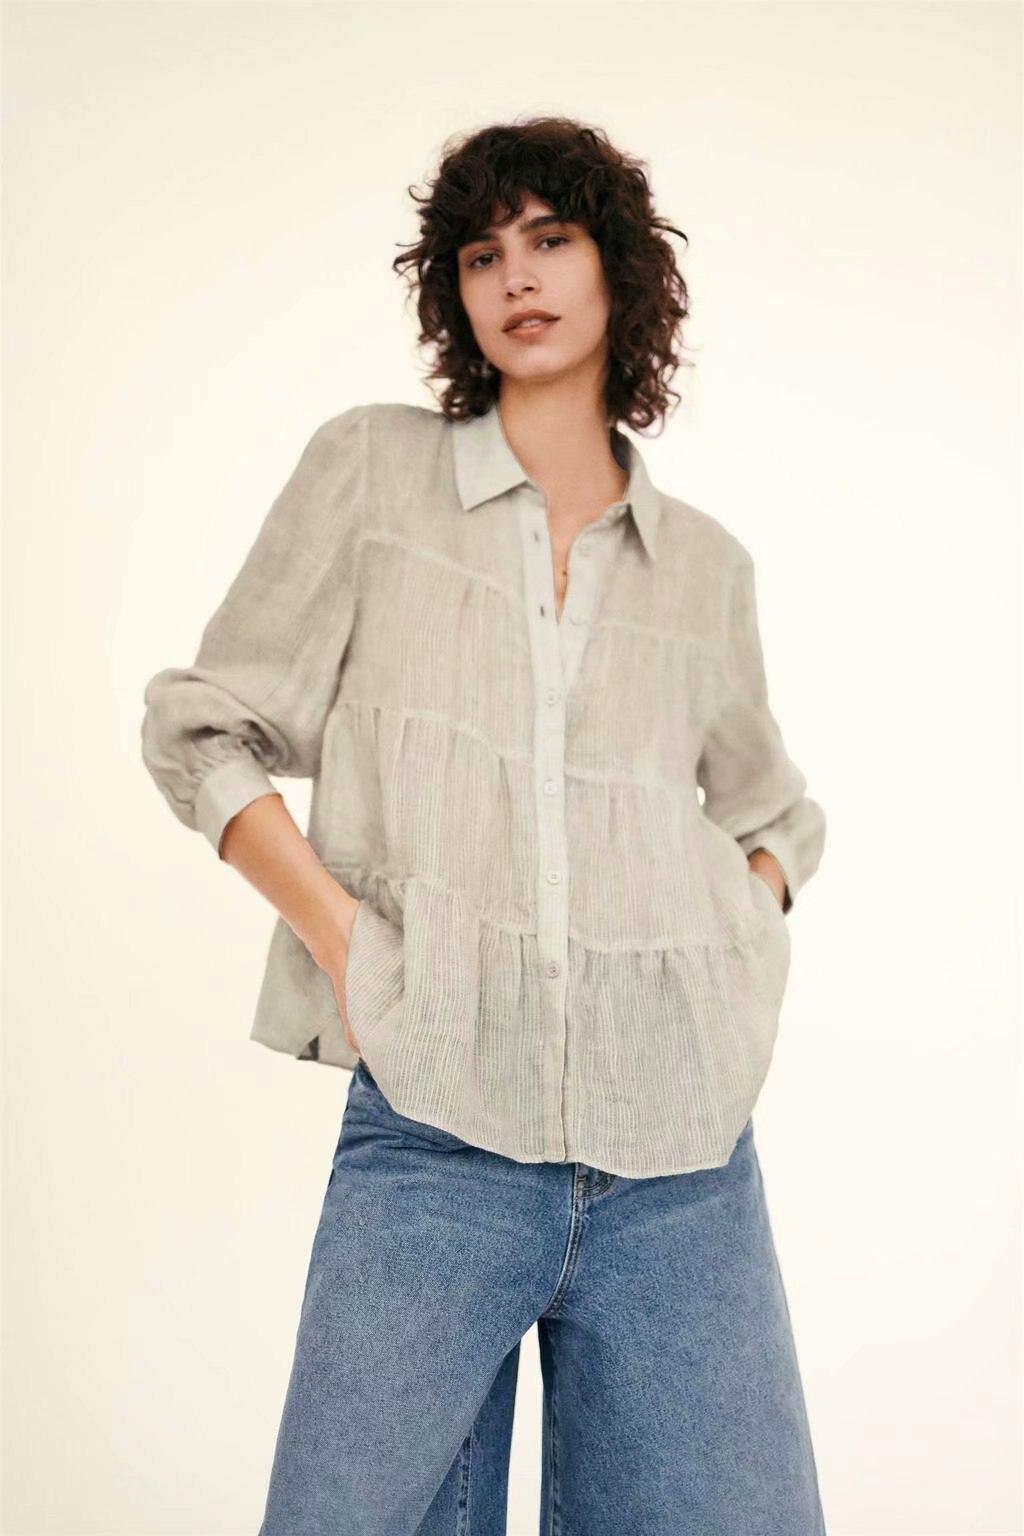 NOVEDAD DE VERANO 2020 camisa de lino laminado con solapa zaraing para mujer 2020 sheining vadiming tops vintage de talla grande ropa gótica C2165